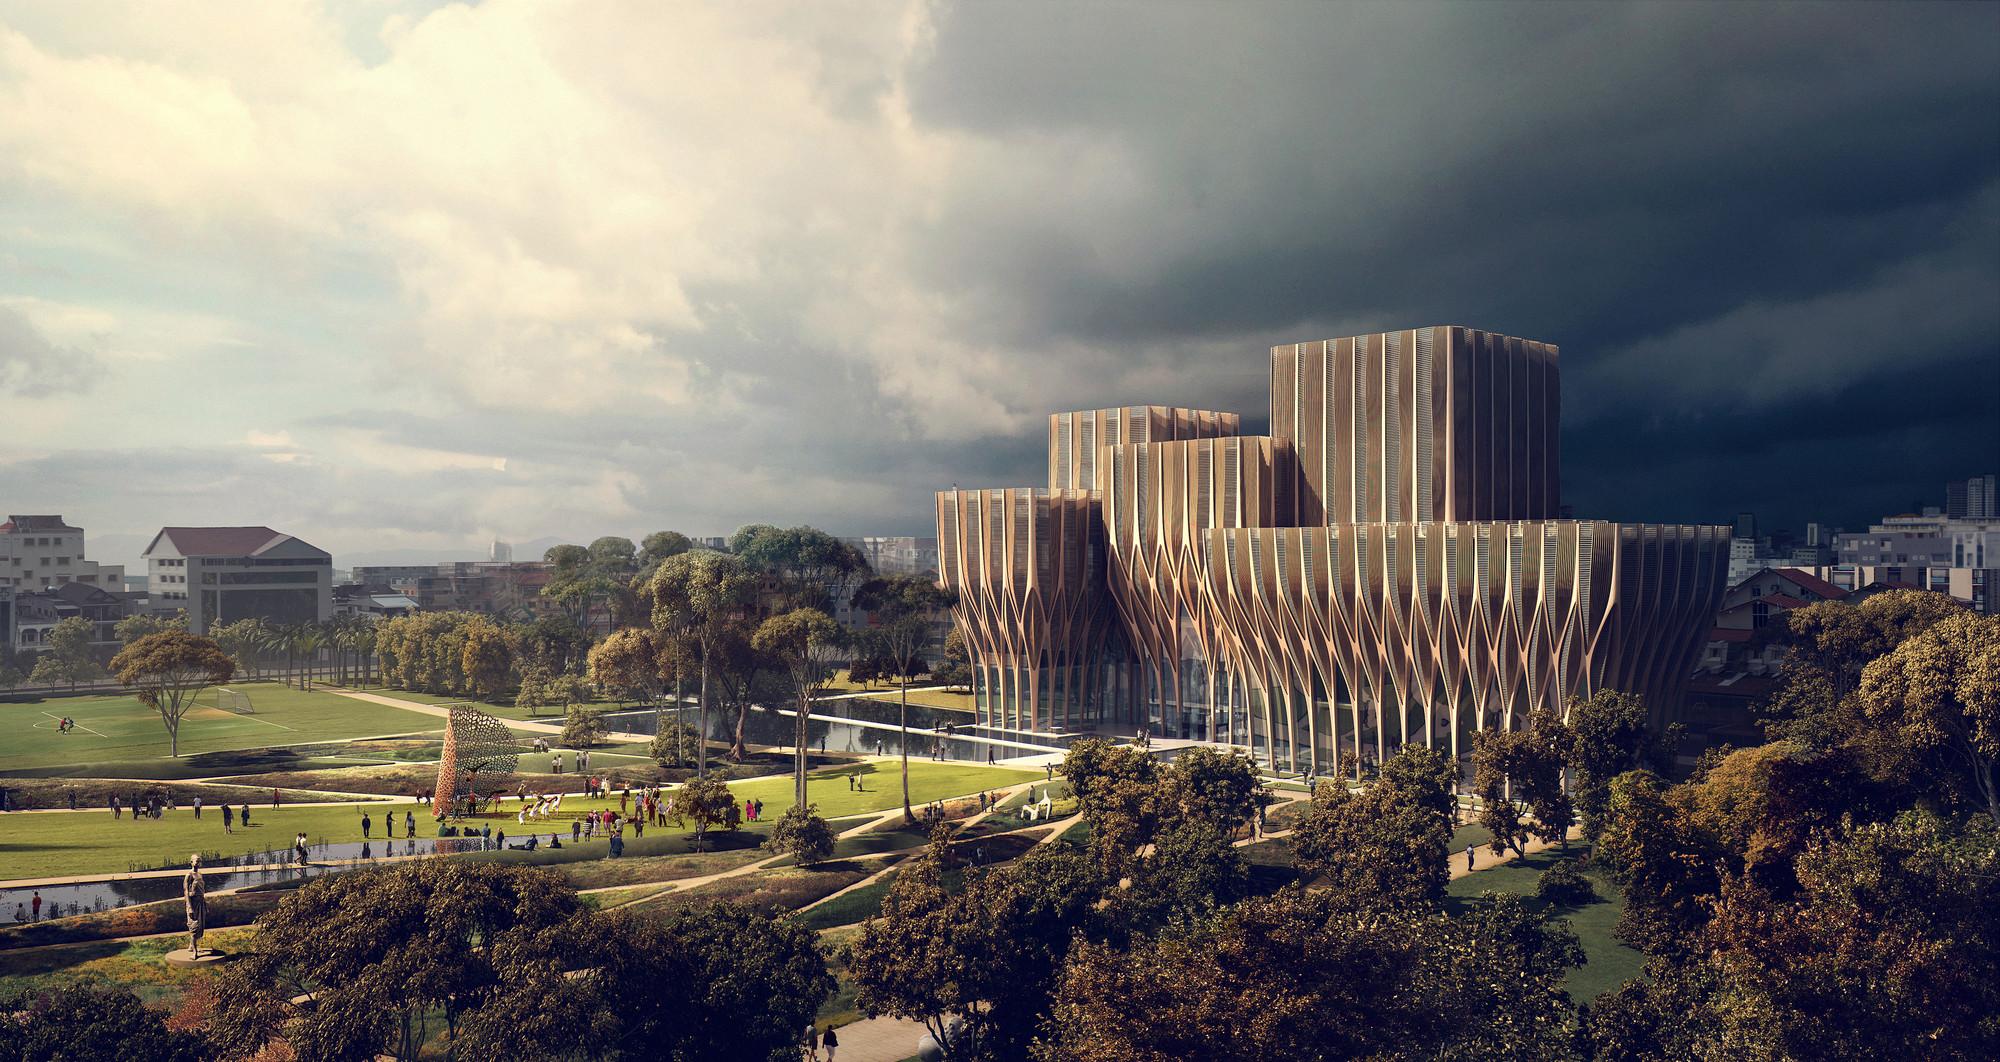 Zaha Hadid diseña cinco torres de madera para albergar el Instituto de Genocidio Camboyano, Fachada sur y parque memorial. Imagen cortesía de ZHA